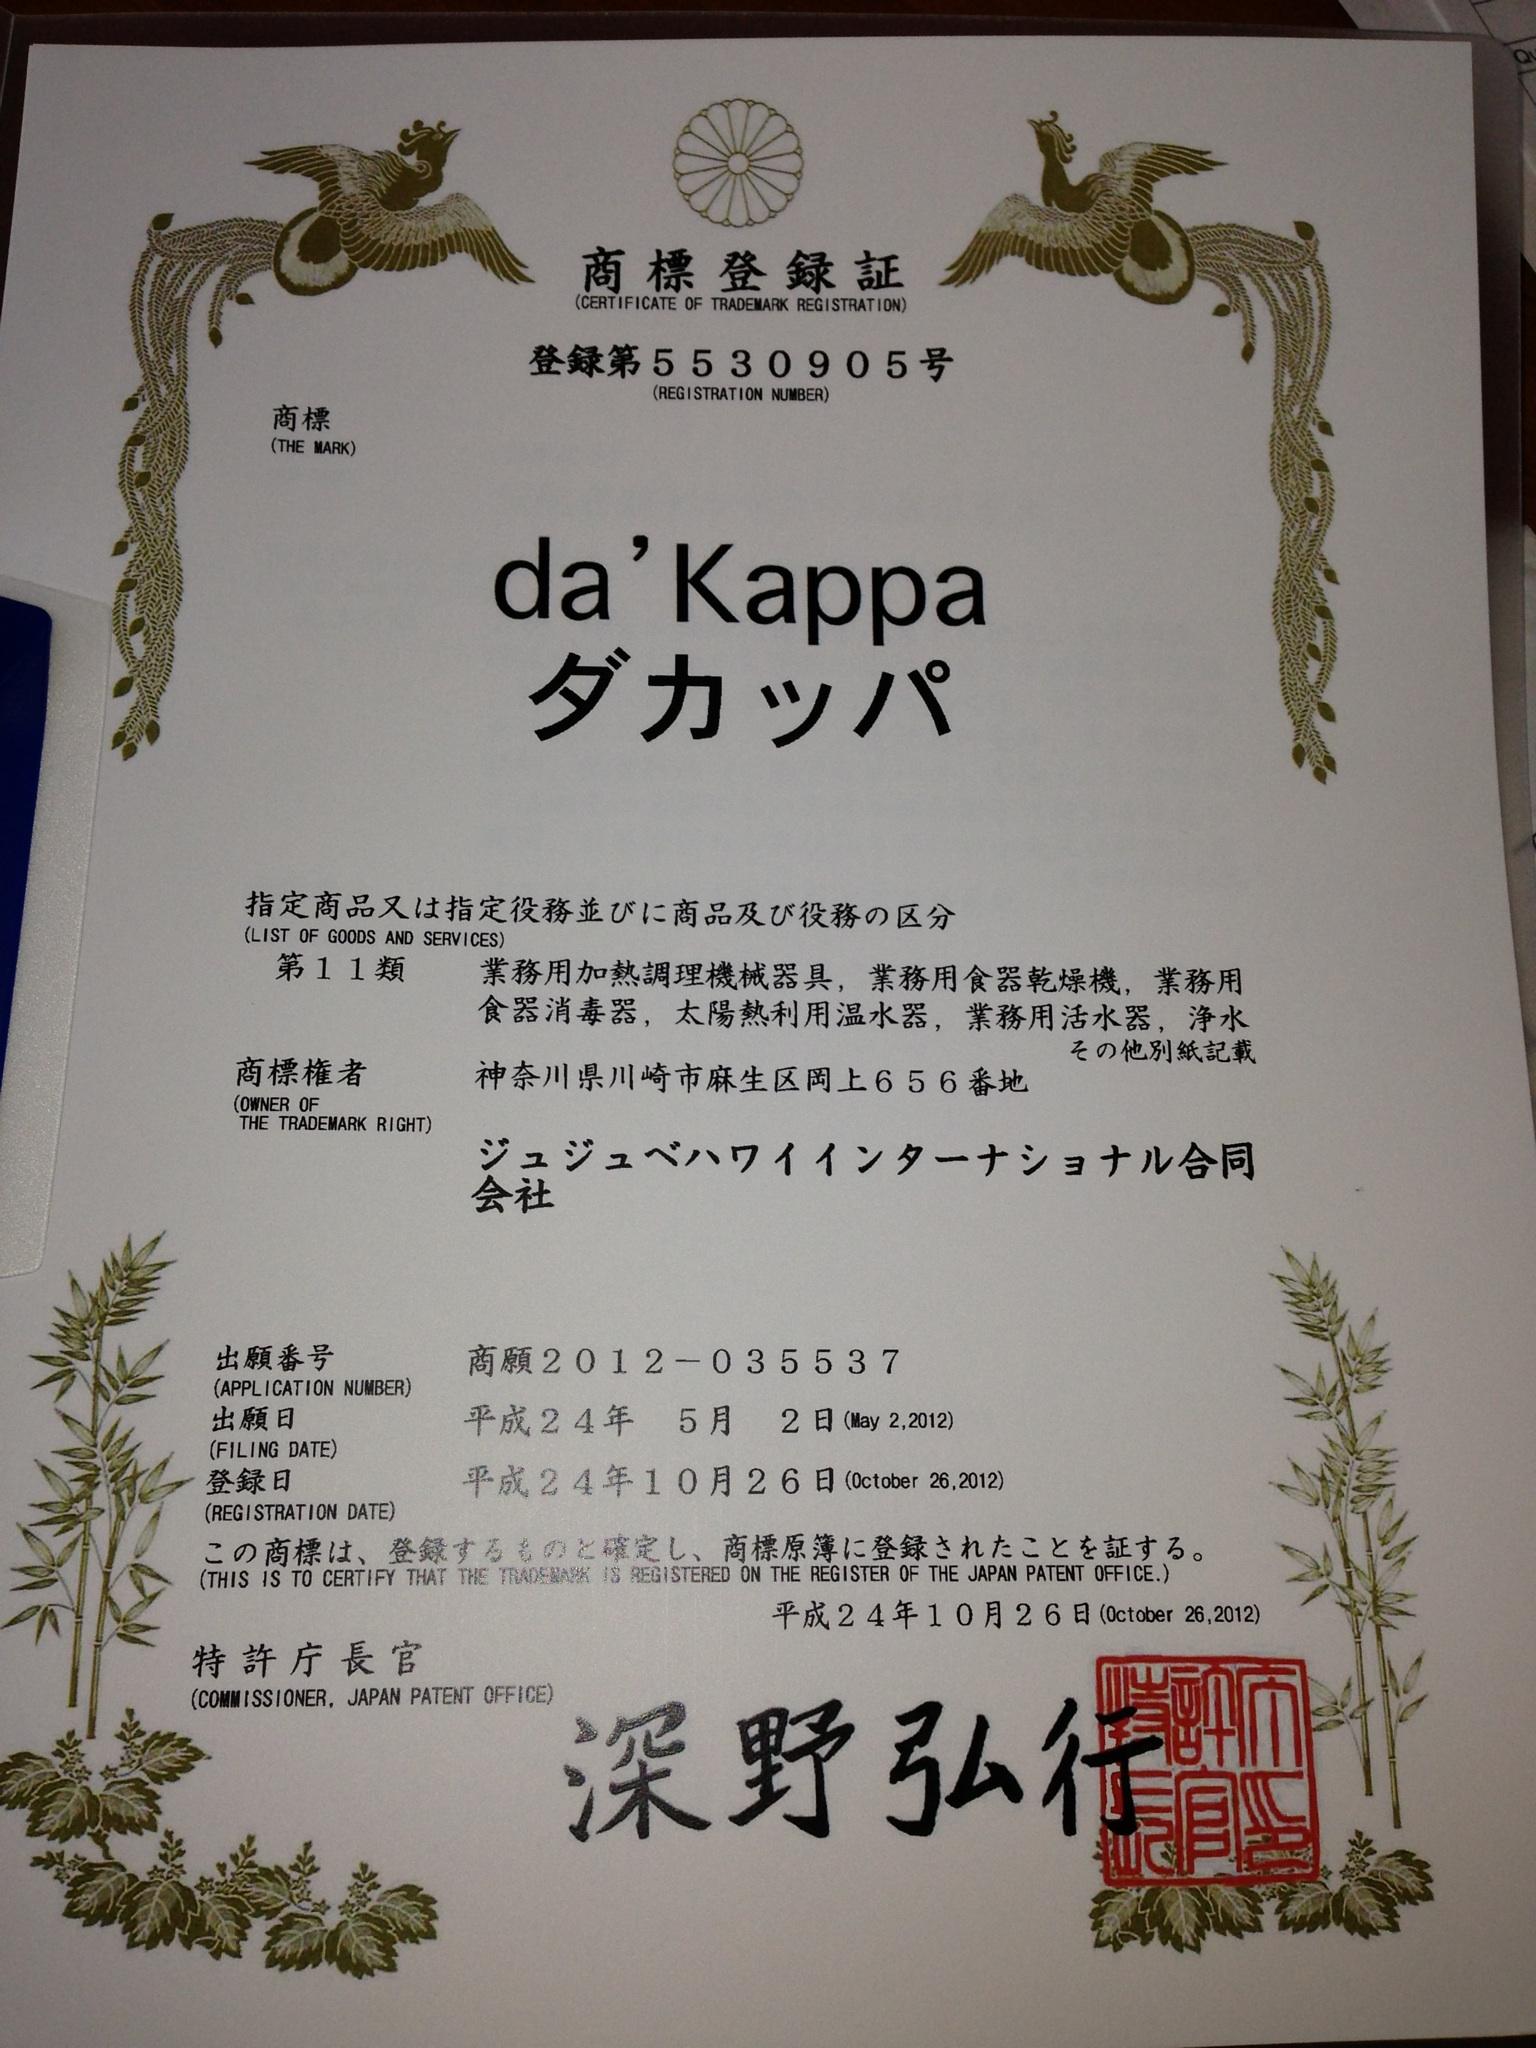 ダカッパの商品登録